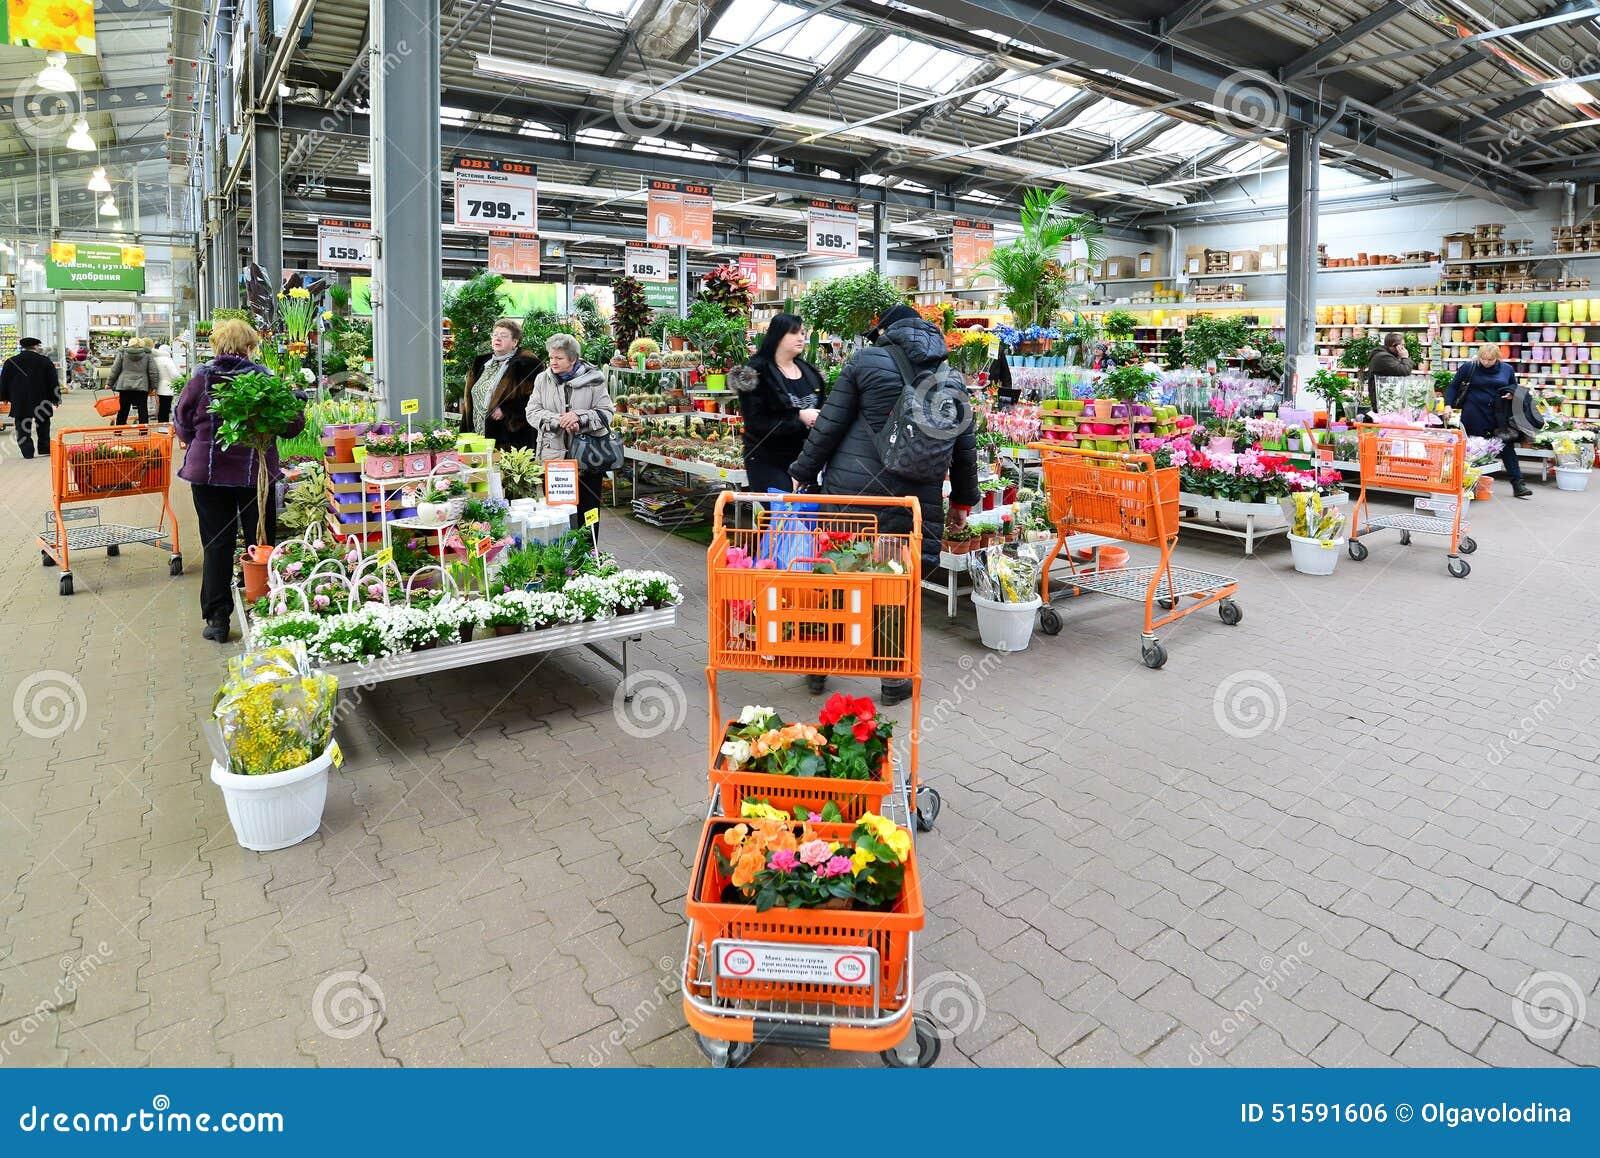 ОБИ: новый каталог товаров, цены, магазины OBI в Москве